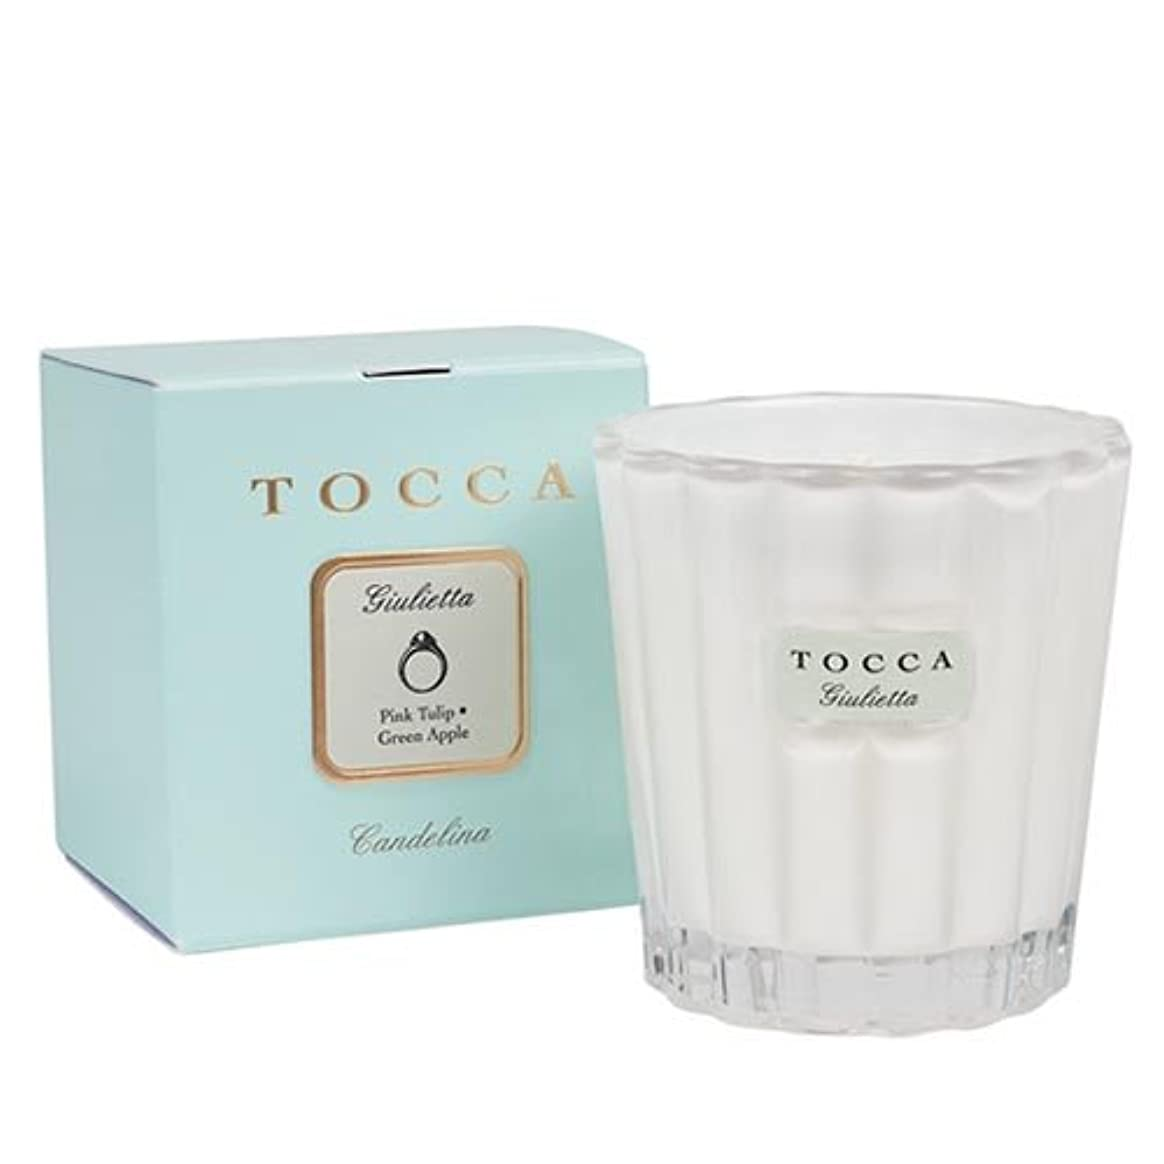 救出落胆する簡潔なCONCENT TOCCA (トッカ) キャンデリーナ (ジュリエッタの香り)